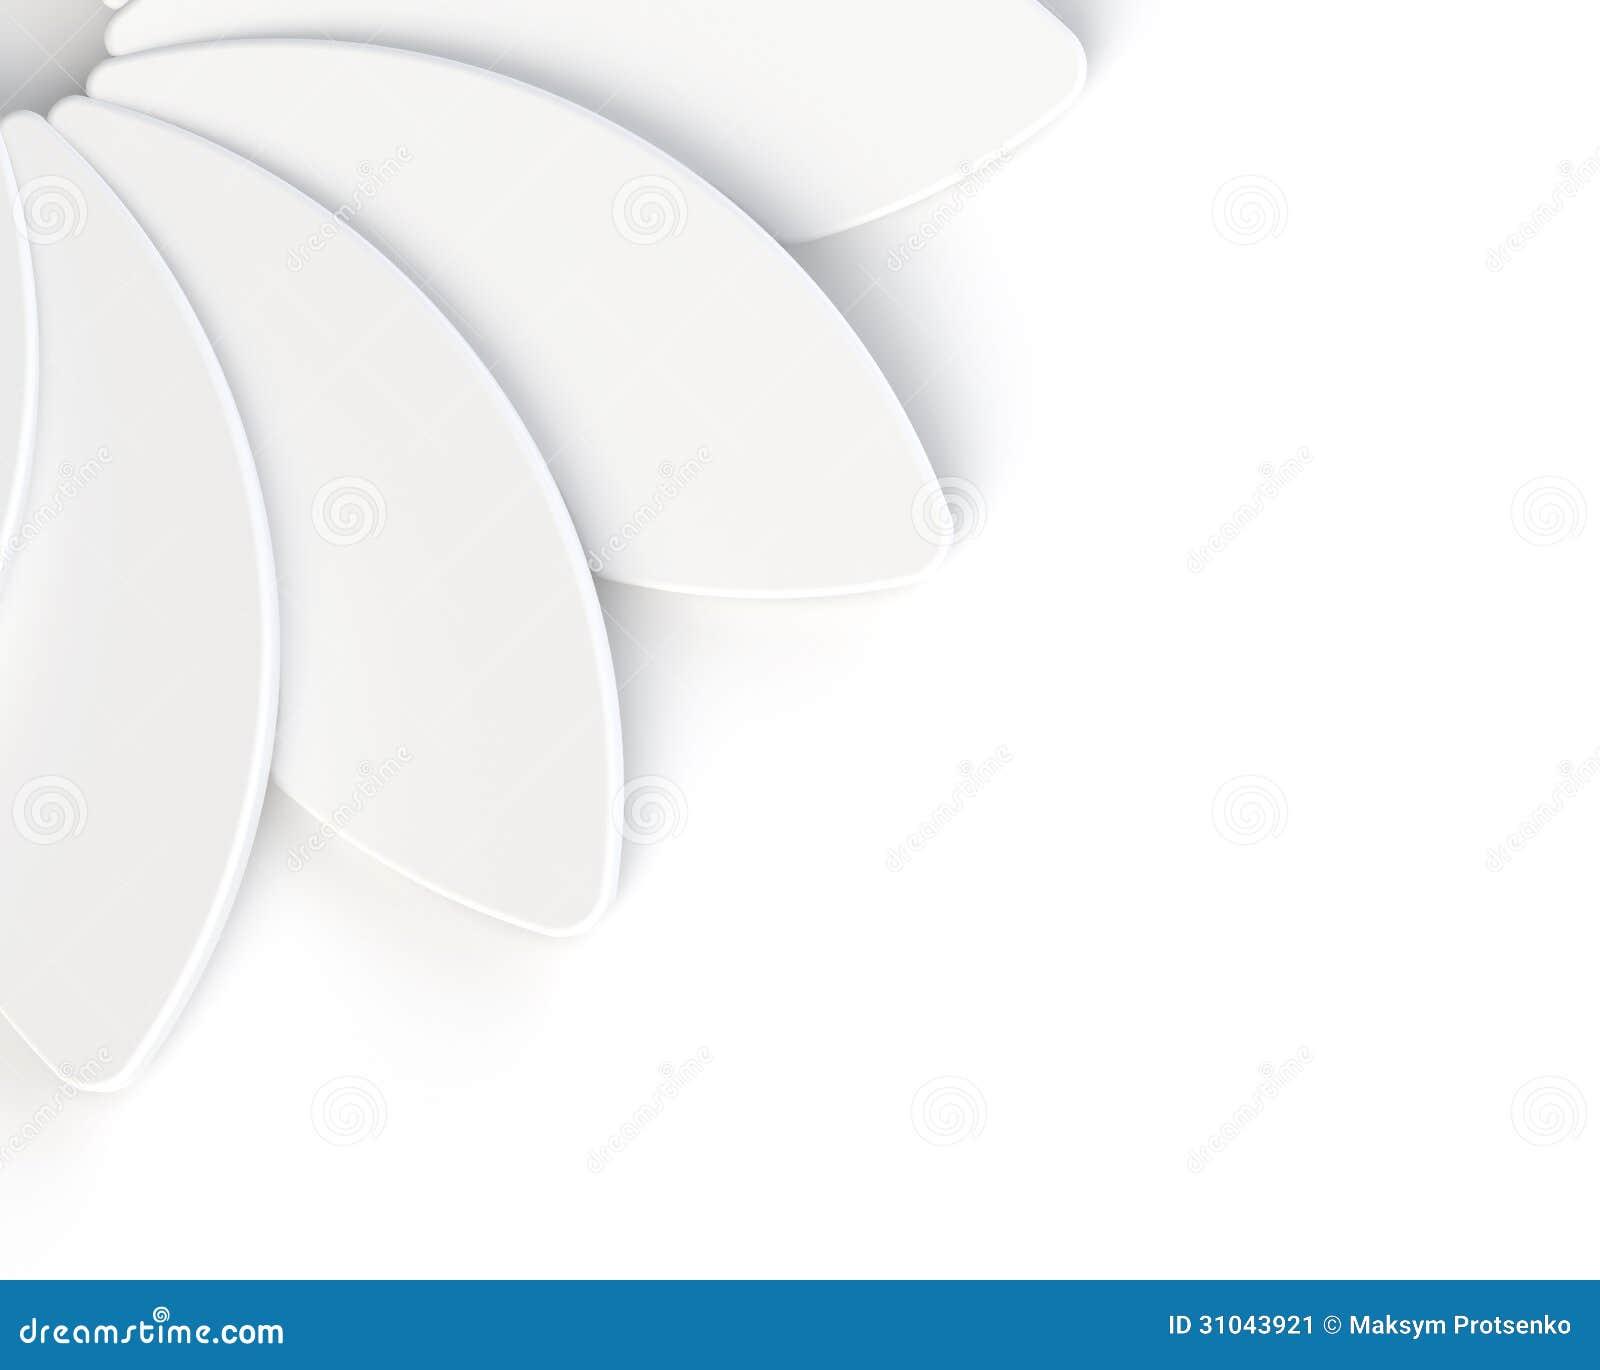 3d abstract white flower on white background stock image for 3d white flower wallpaper